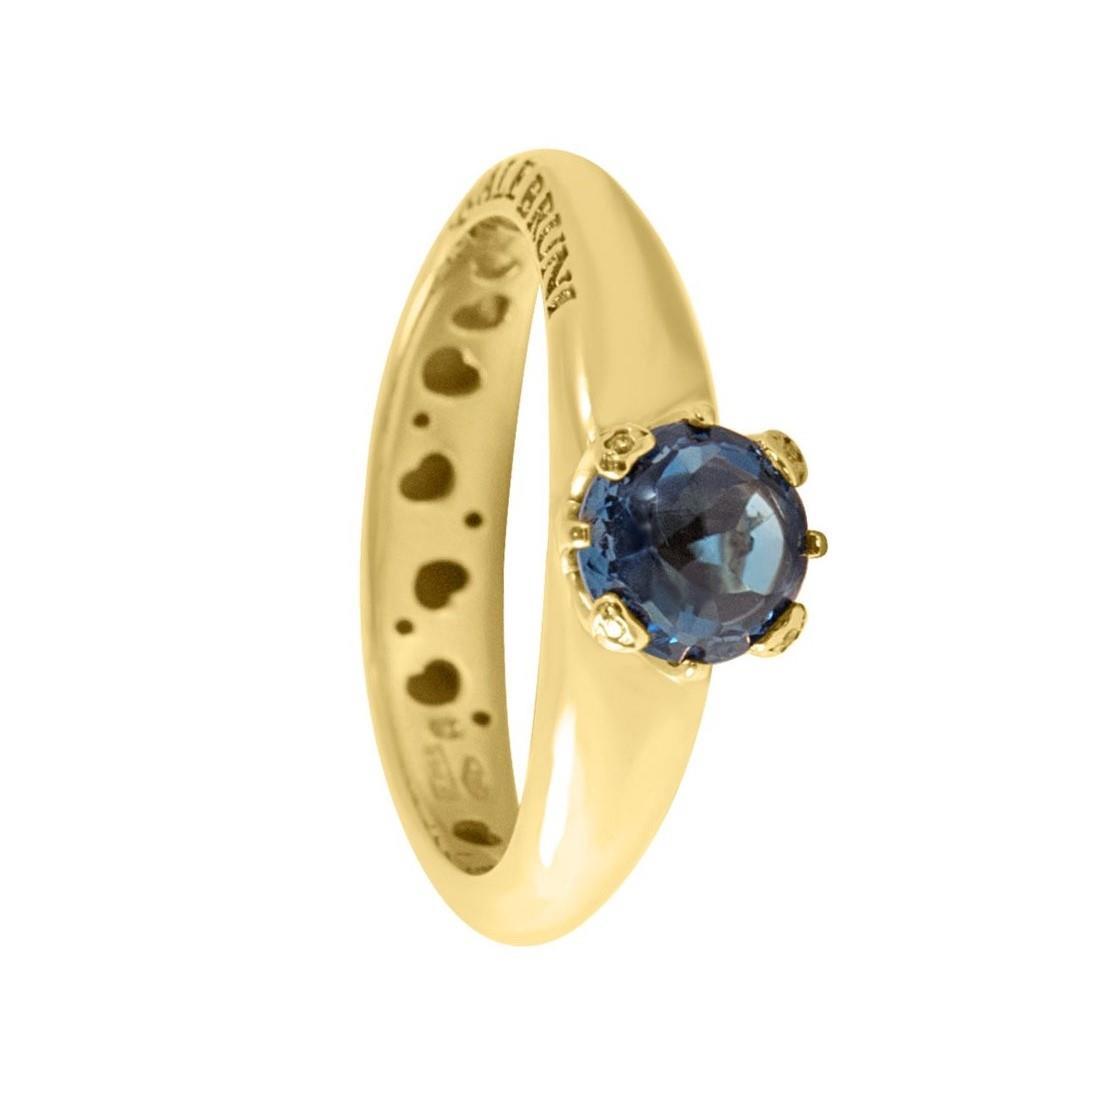 Anello in oro rosa con topazio blu e diamante ct 0.02, misura 13 - PASQUALE BRUNI